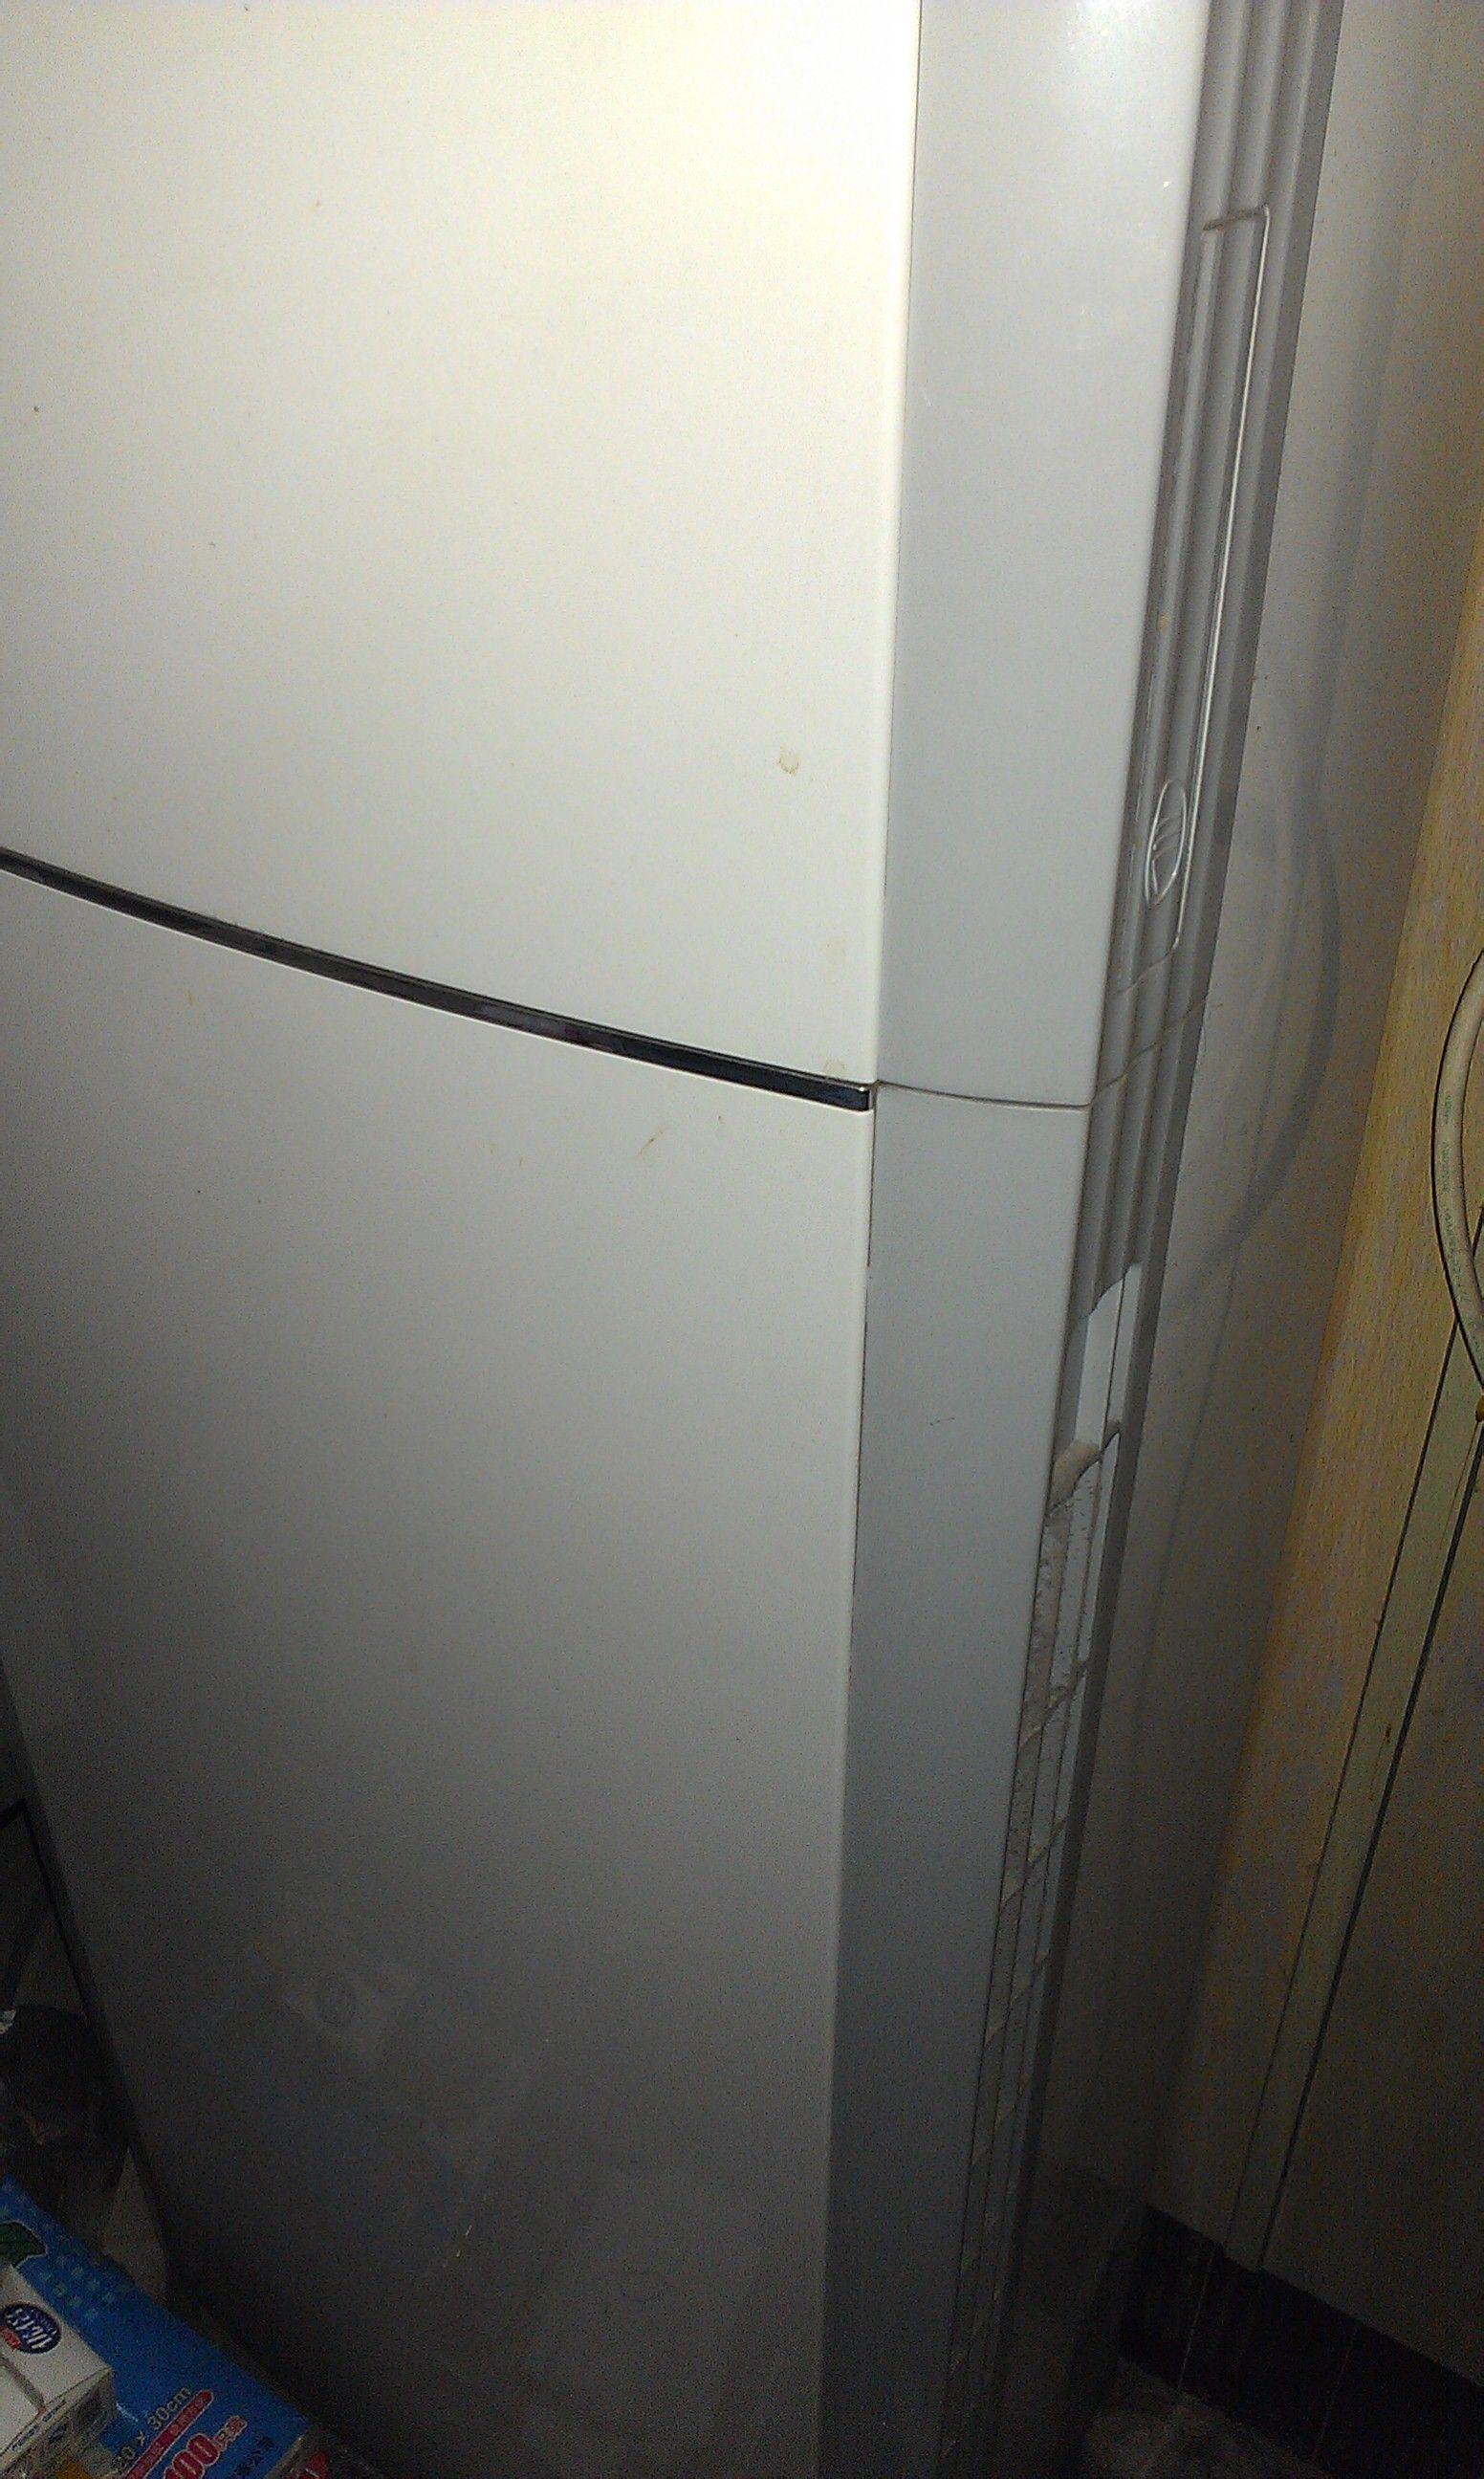 美的立式空调的滤尘网在哪里啊?